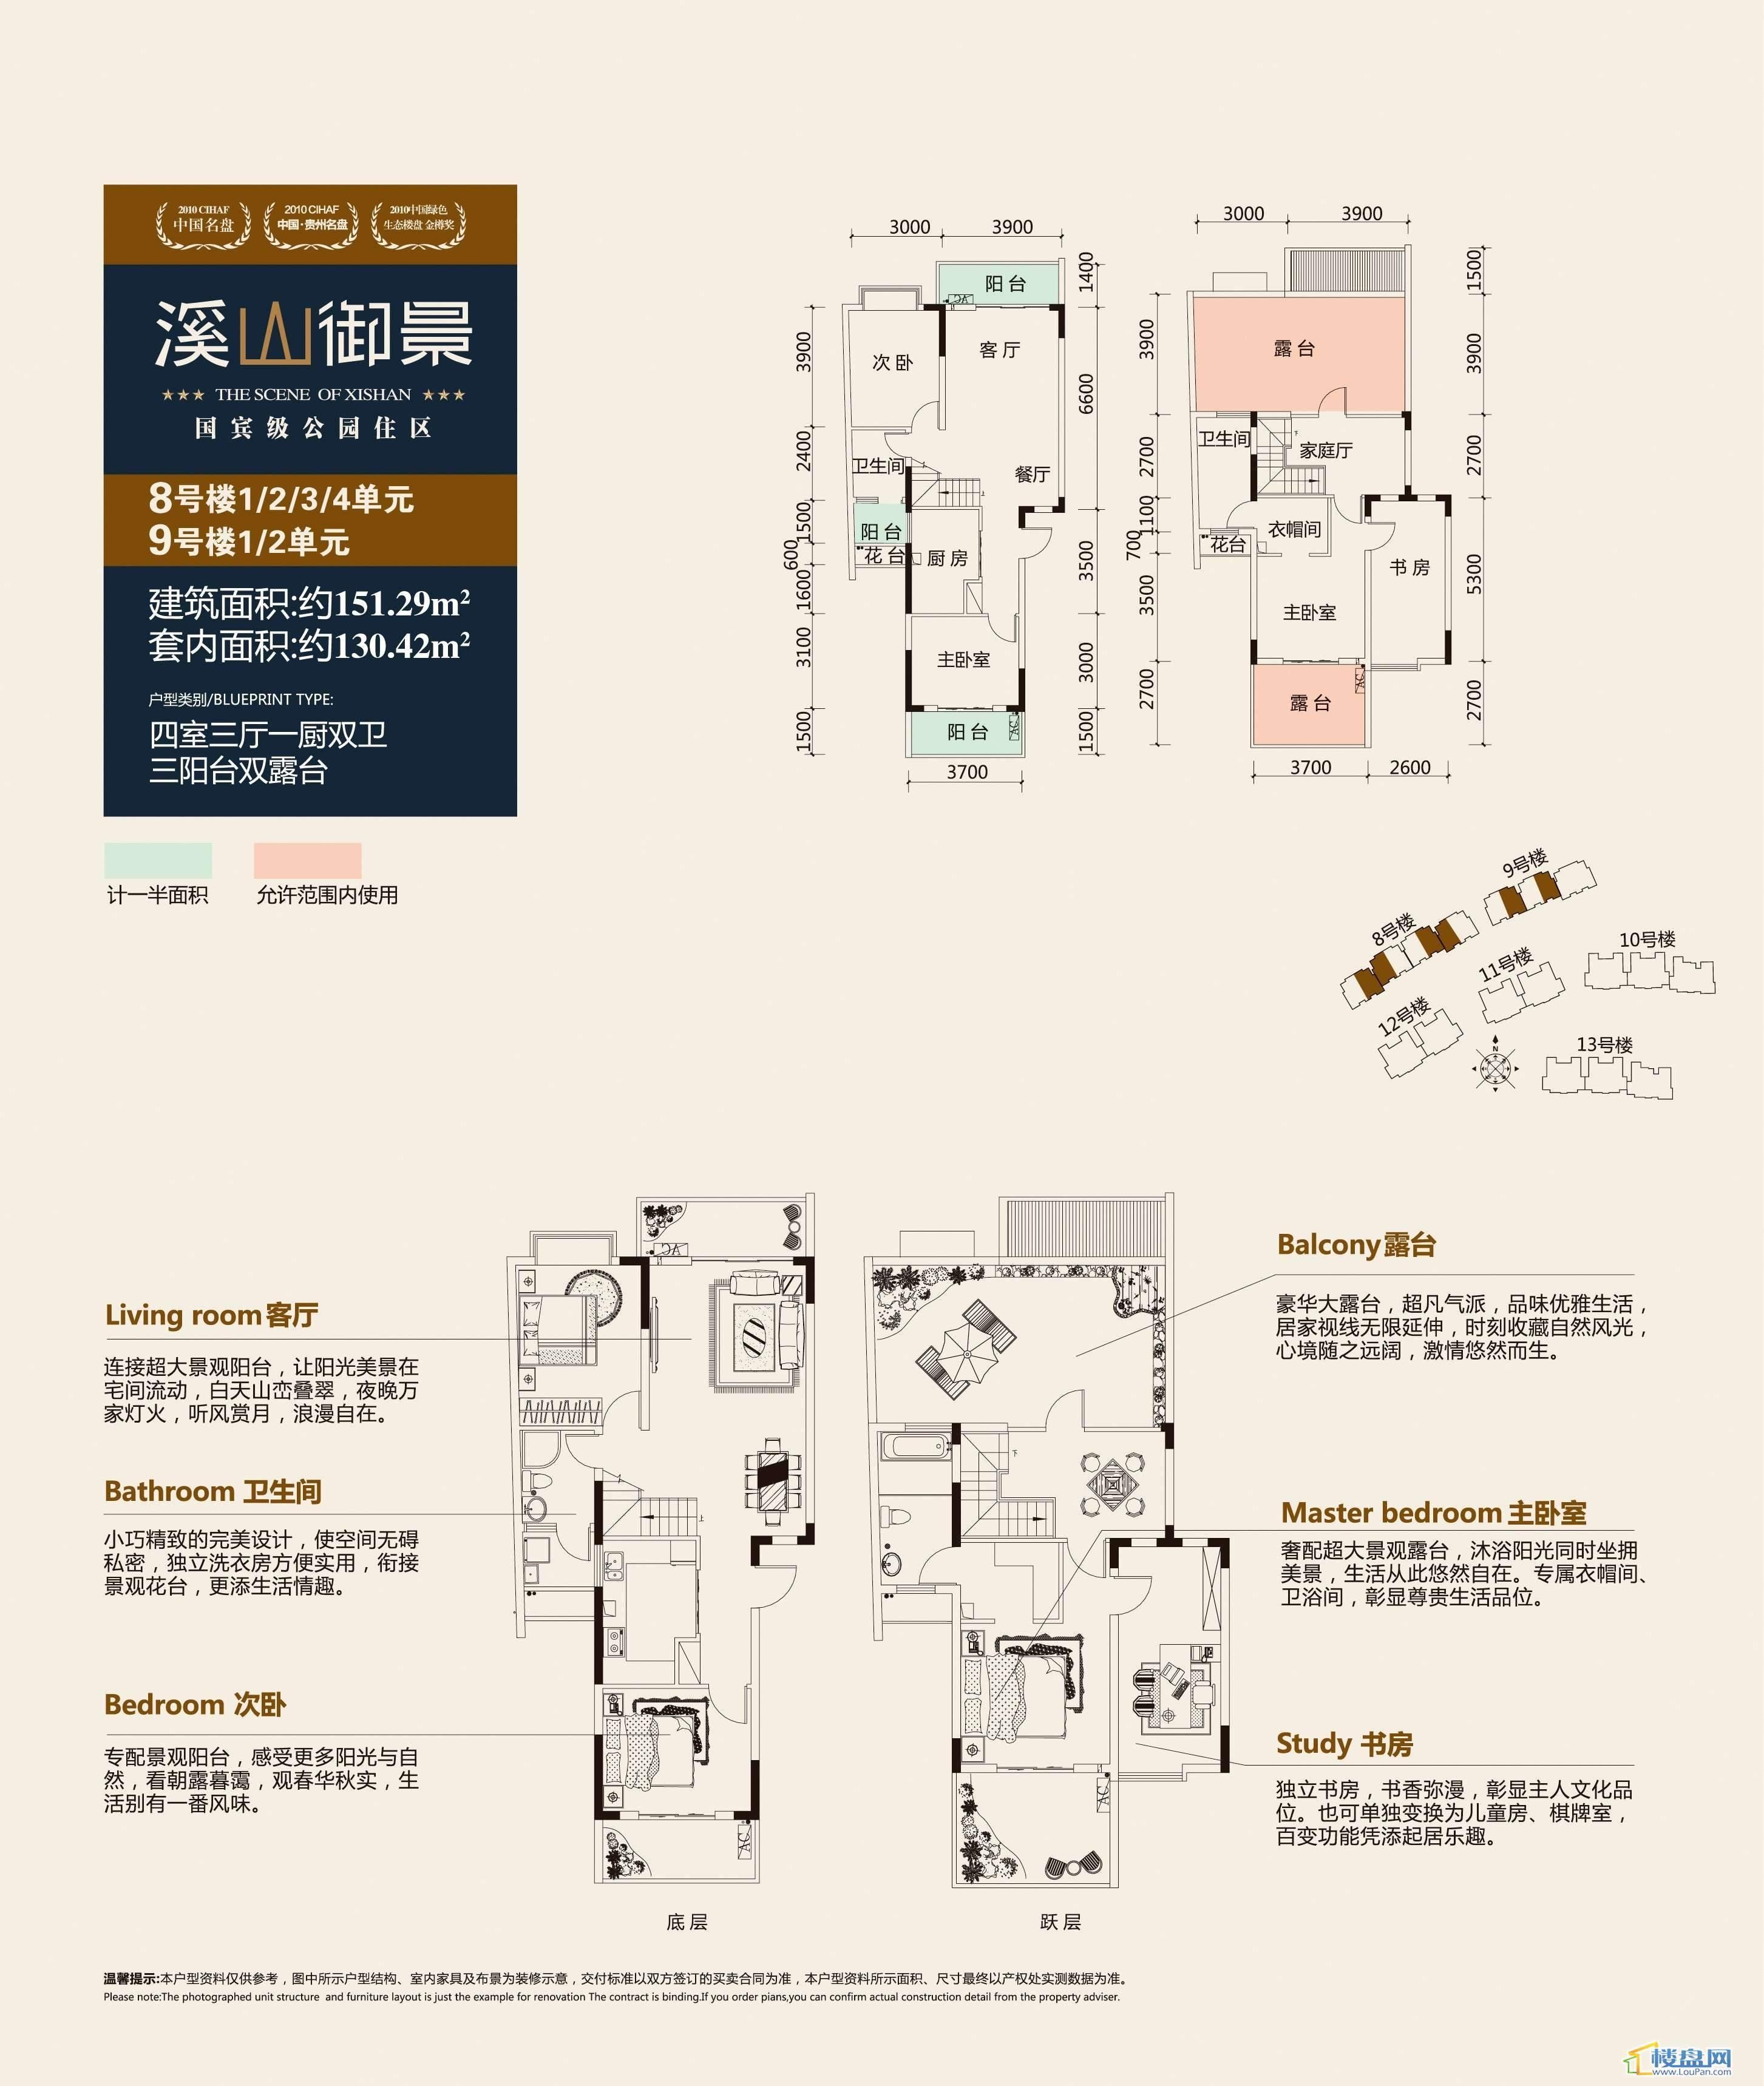 溪山御景8号楼1、2、3单元及9号楼1、2单元,四室三厅一厨两卫三阳台双露台